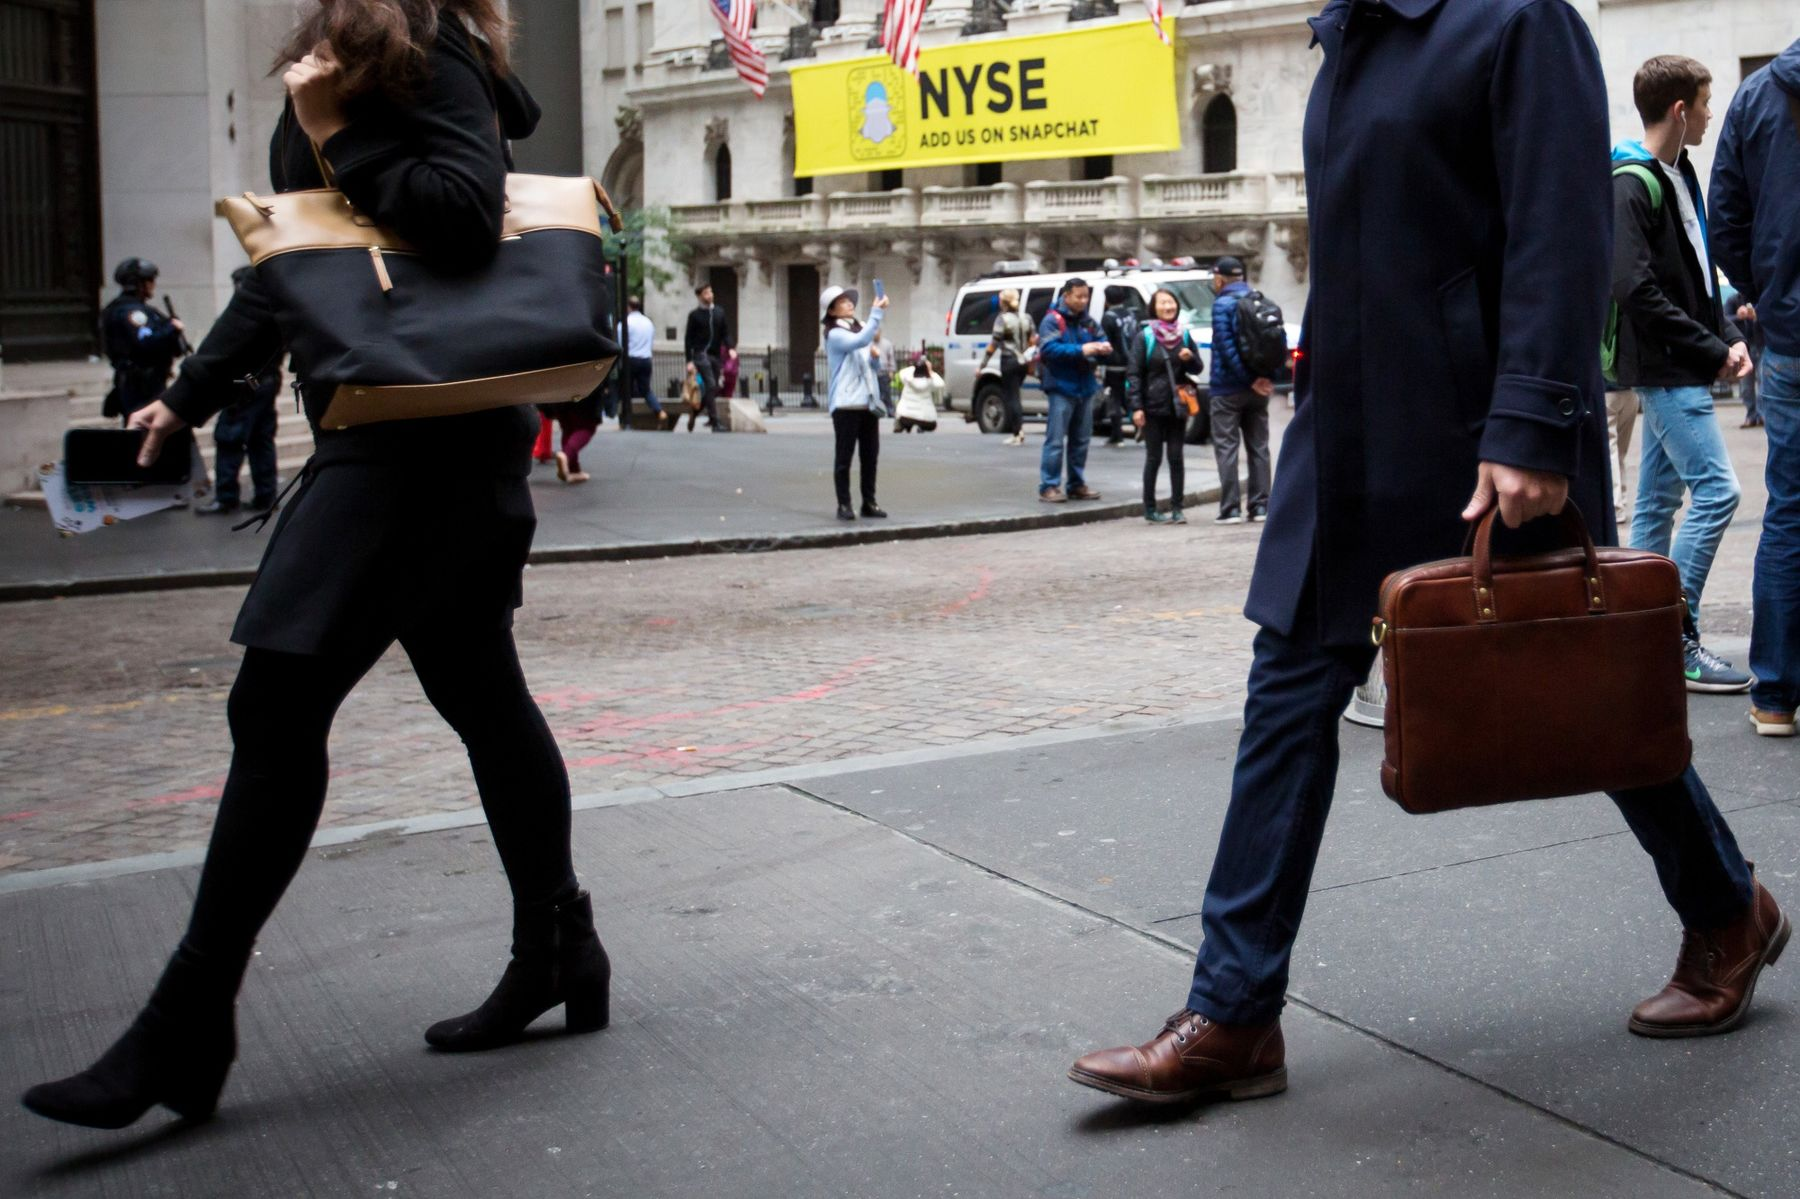 【労働問題】ウォール街、「#MeToo」時代の新ルール-とにかく女性を避けよ【セクハラ避け】